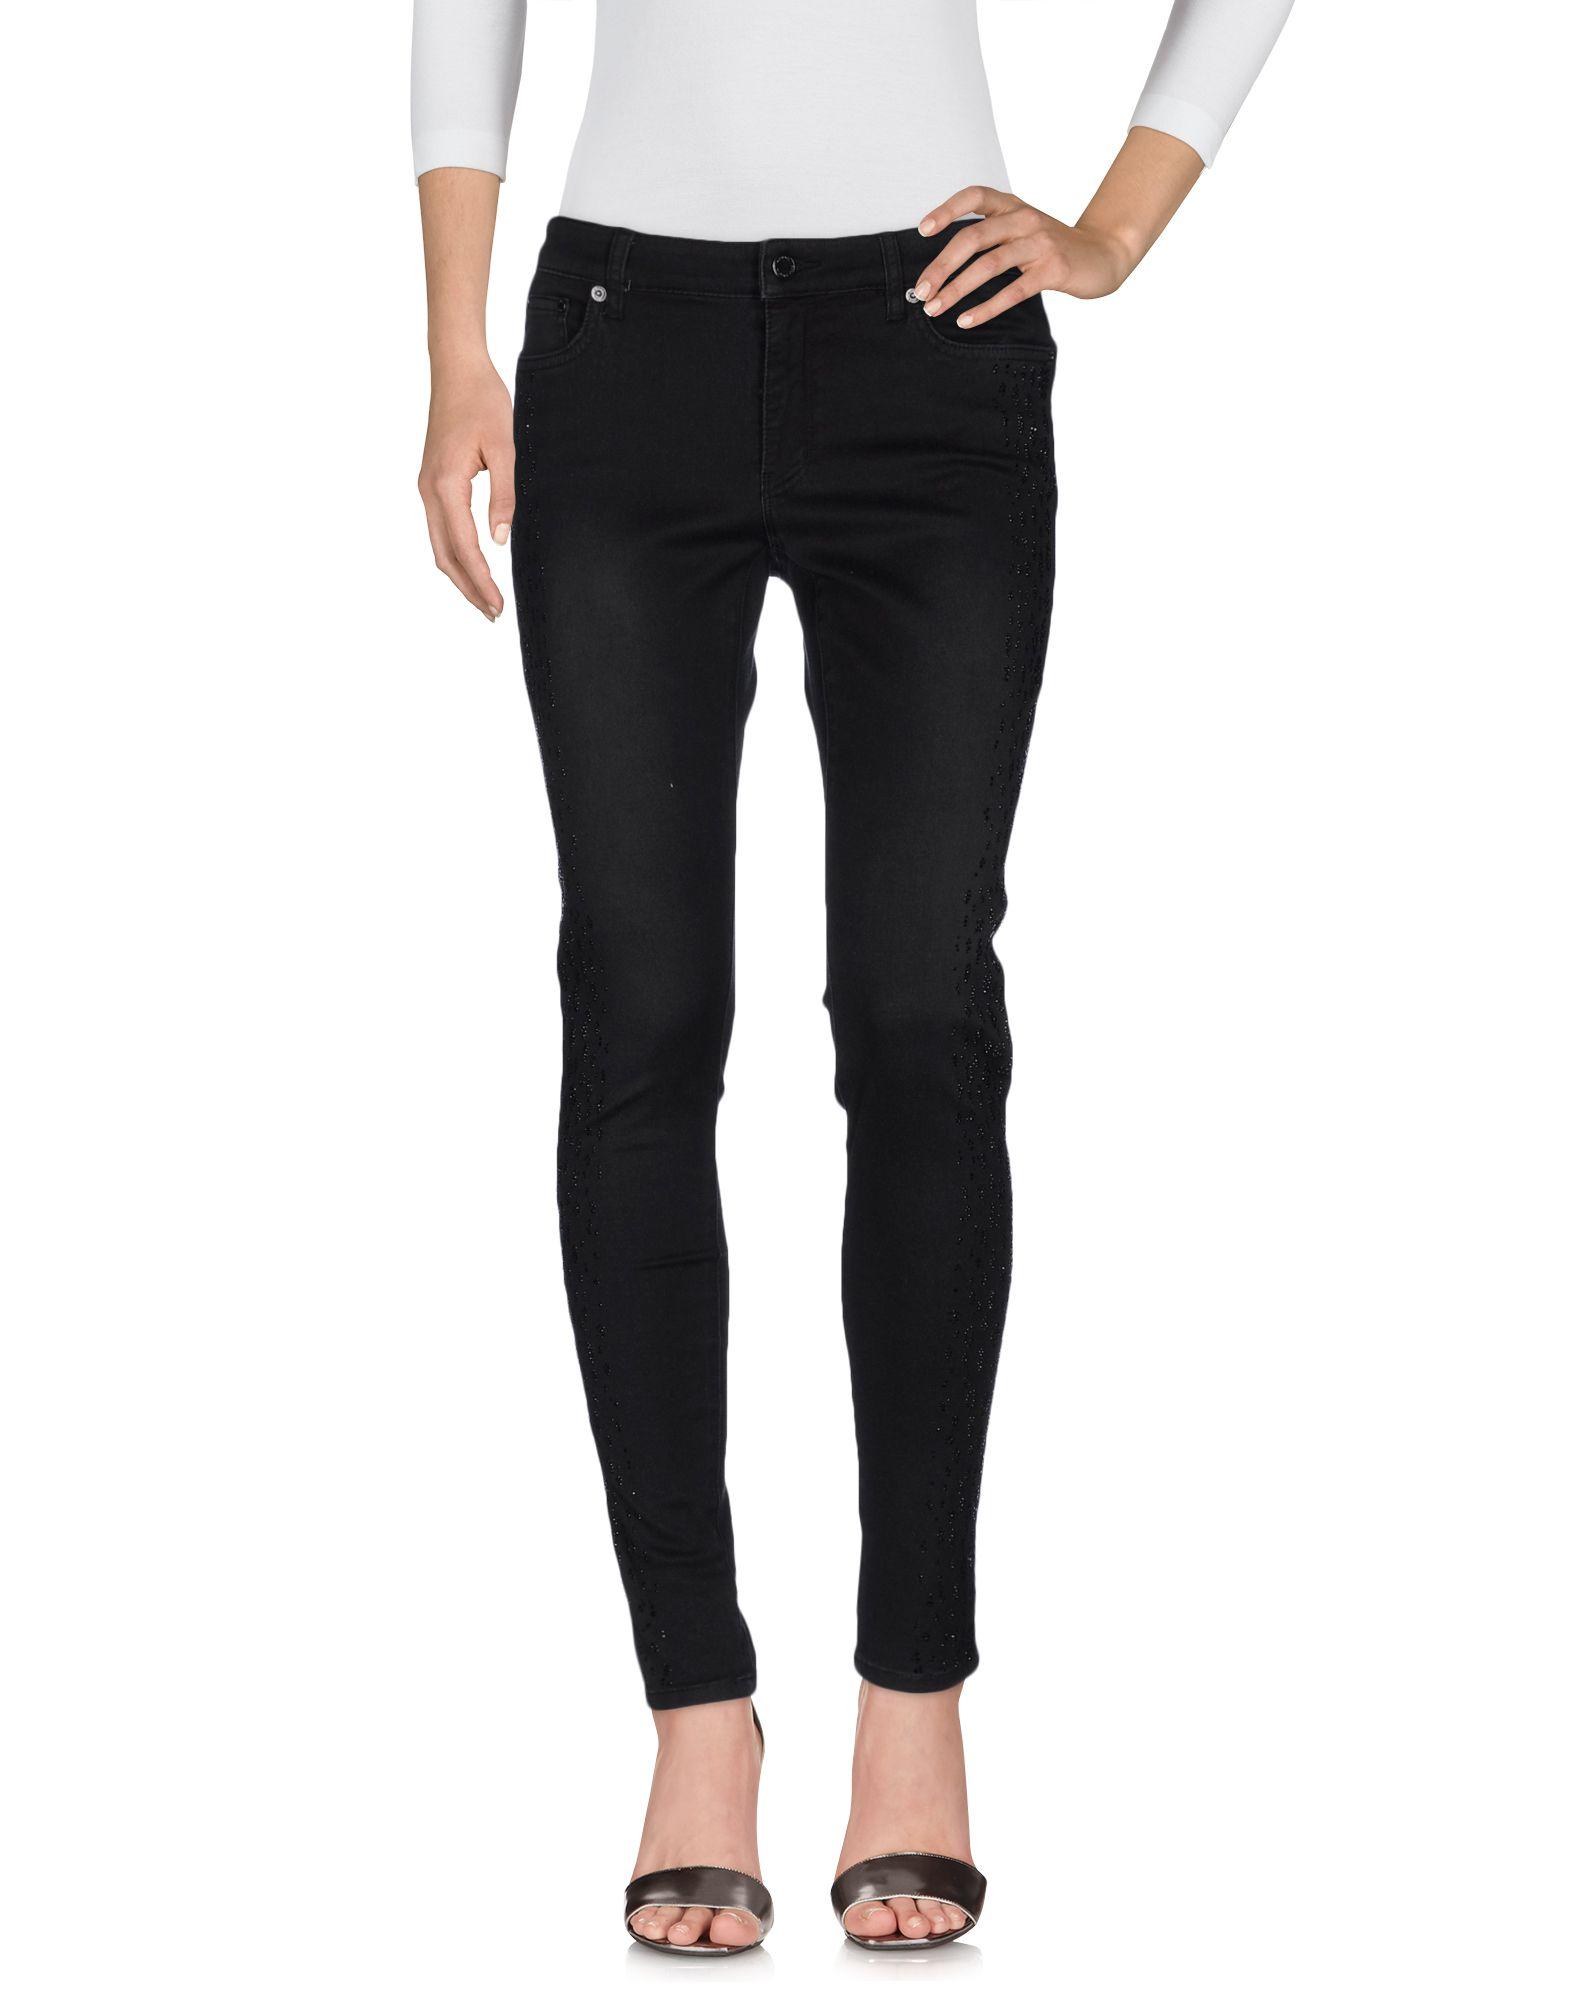 Pantaloni Jeans Michael Michael Kors Donna - Acquista online su iiEngwgJwp